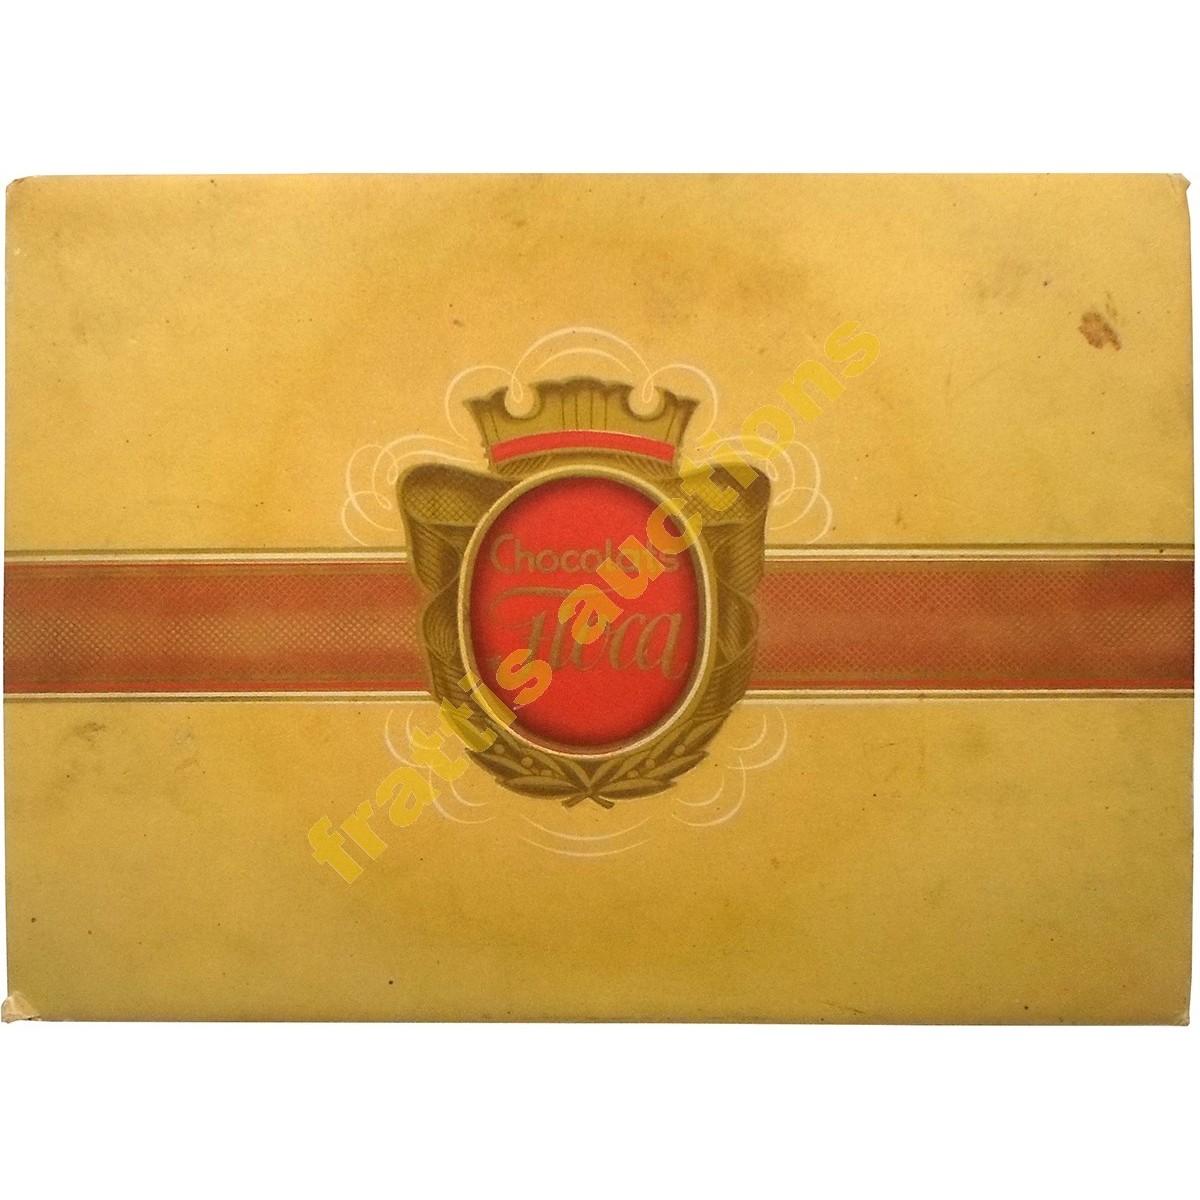 Σοκολάτα Φλόκα, χάρτινο κουτί.